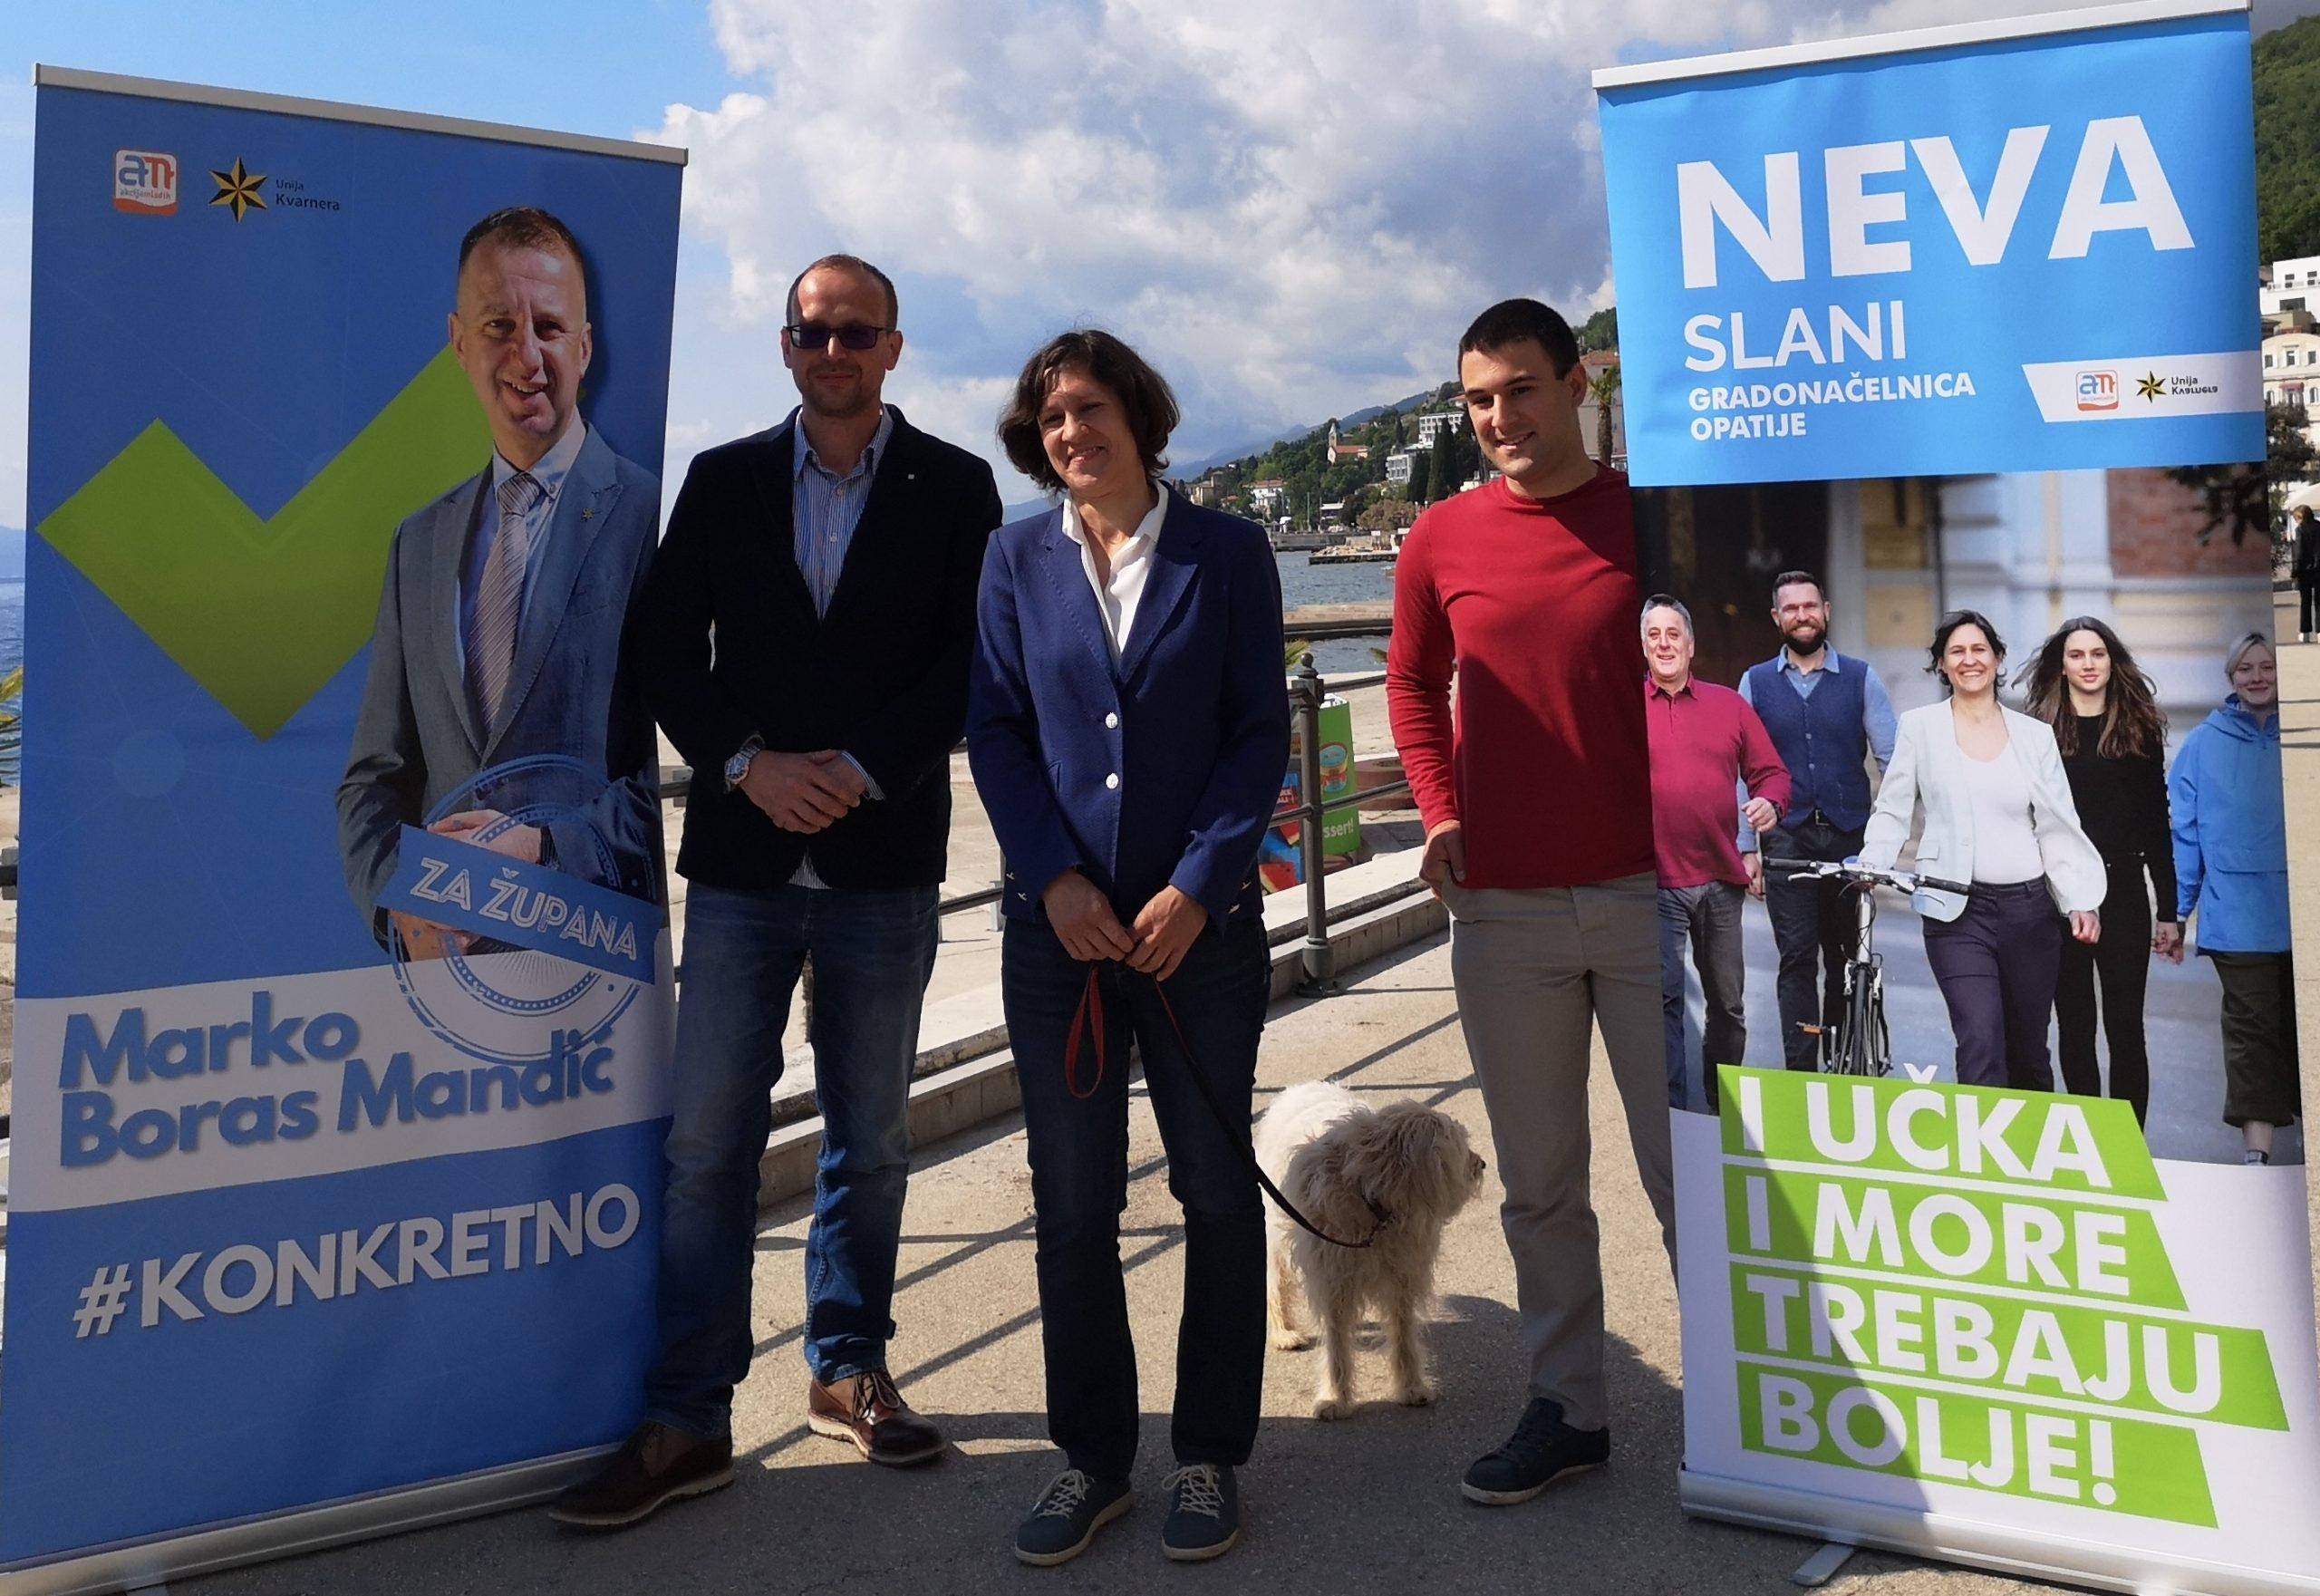 Robert Kurelić, Neva Slani i Dino Žigulić / Foto Aleksandra Kućel Ilić